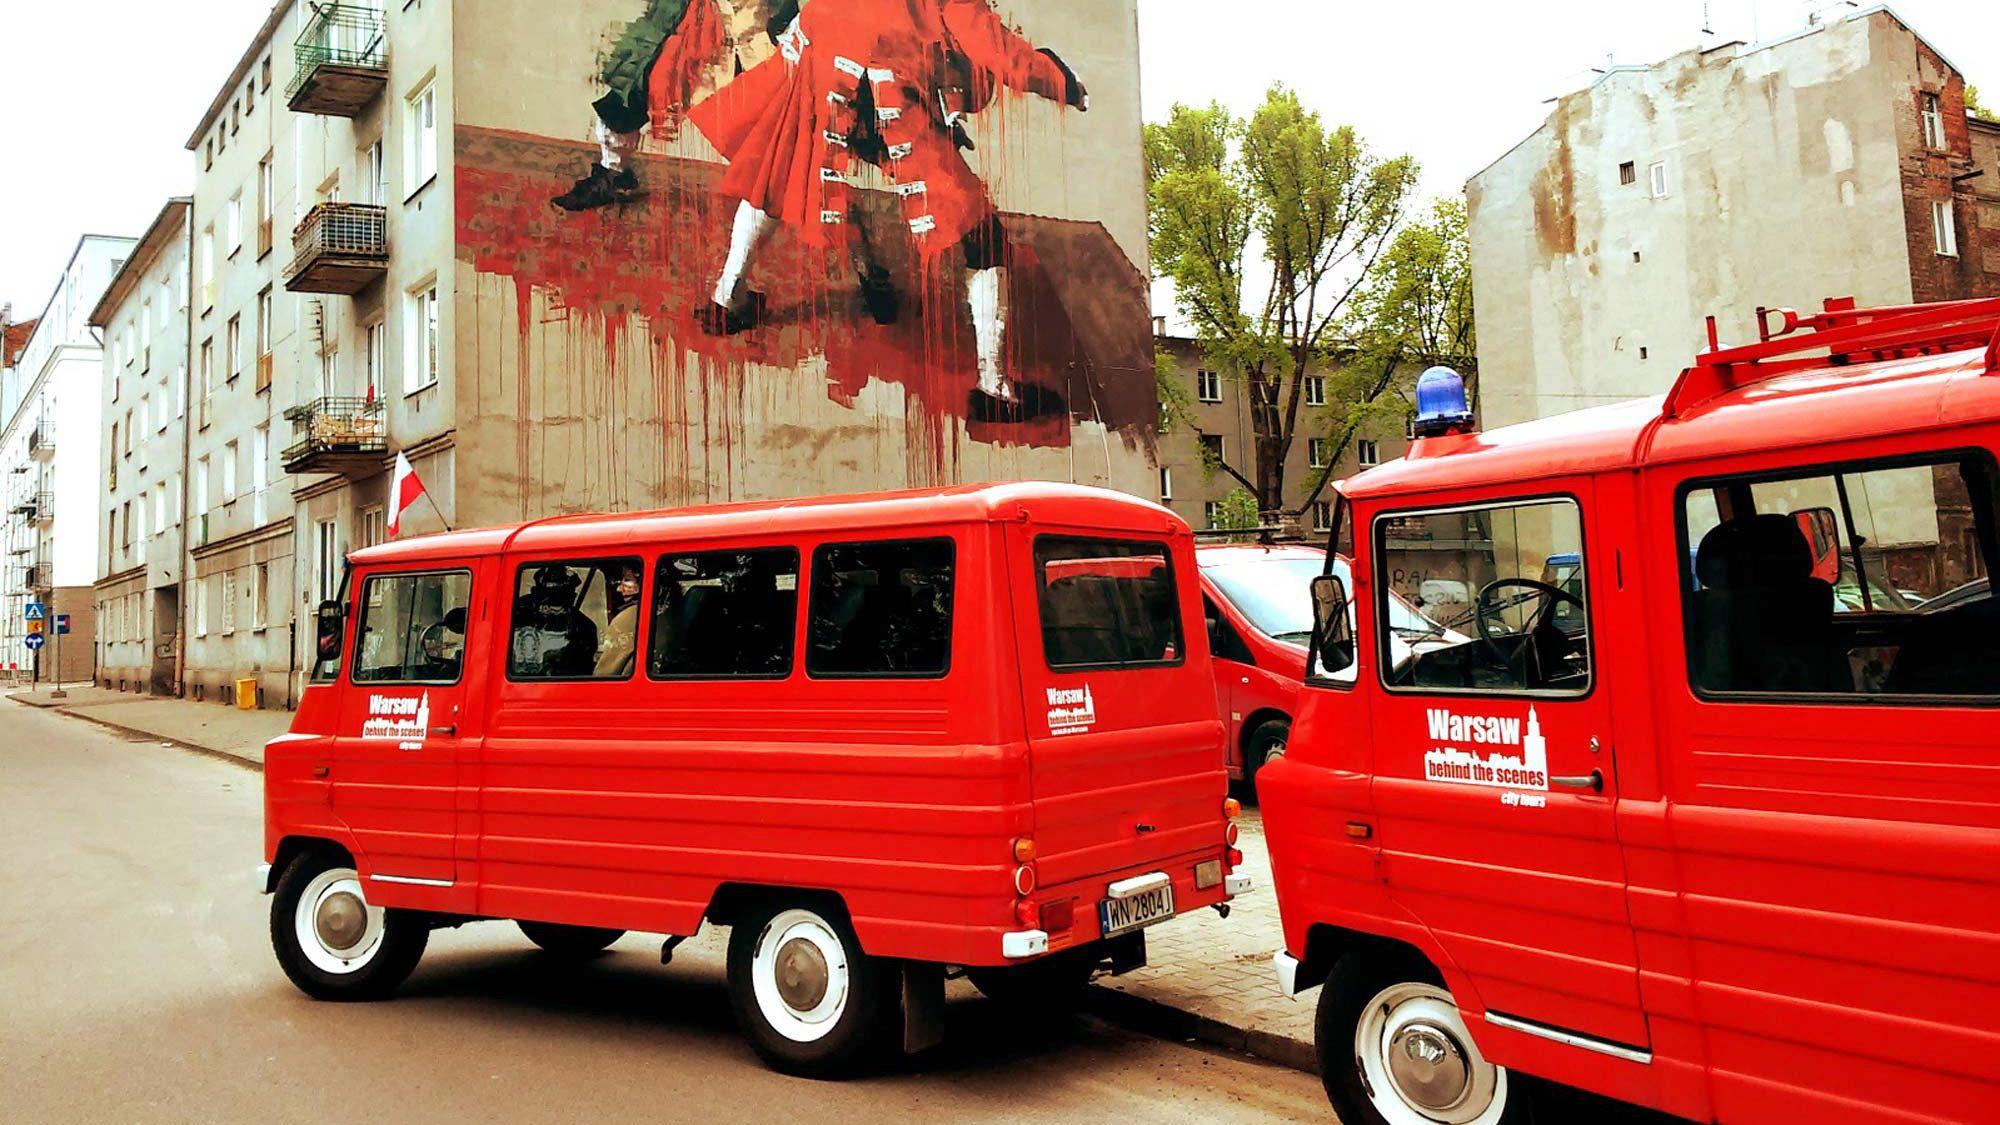 Historisk sightseeingtur i en retroliknande minibuss i liten grupp